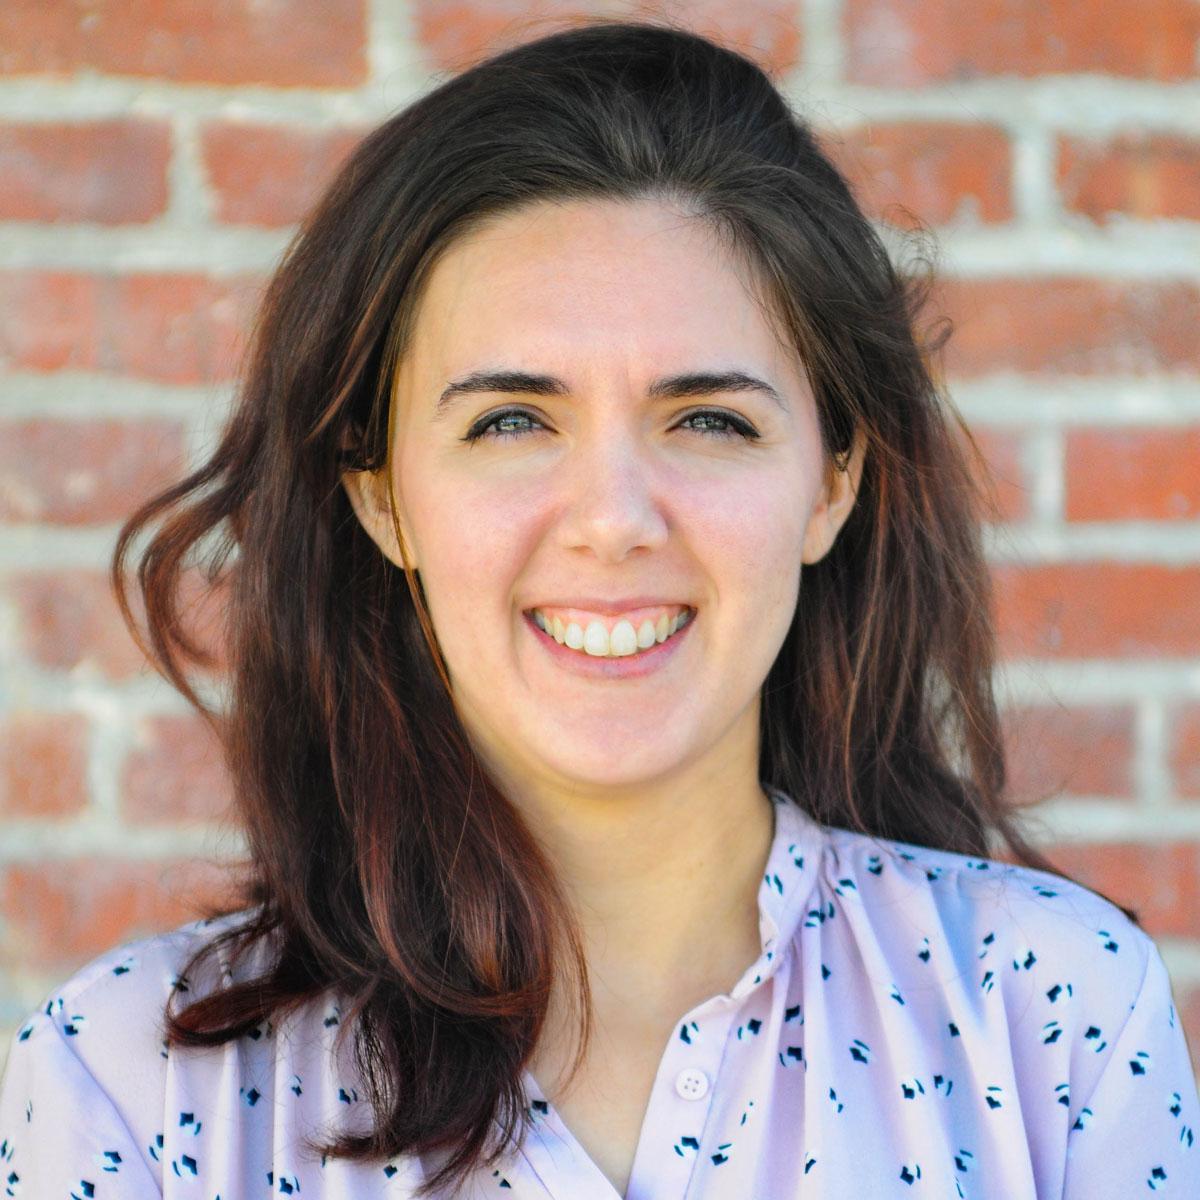 Leah Dymek